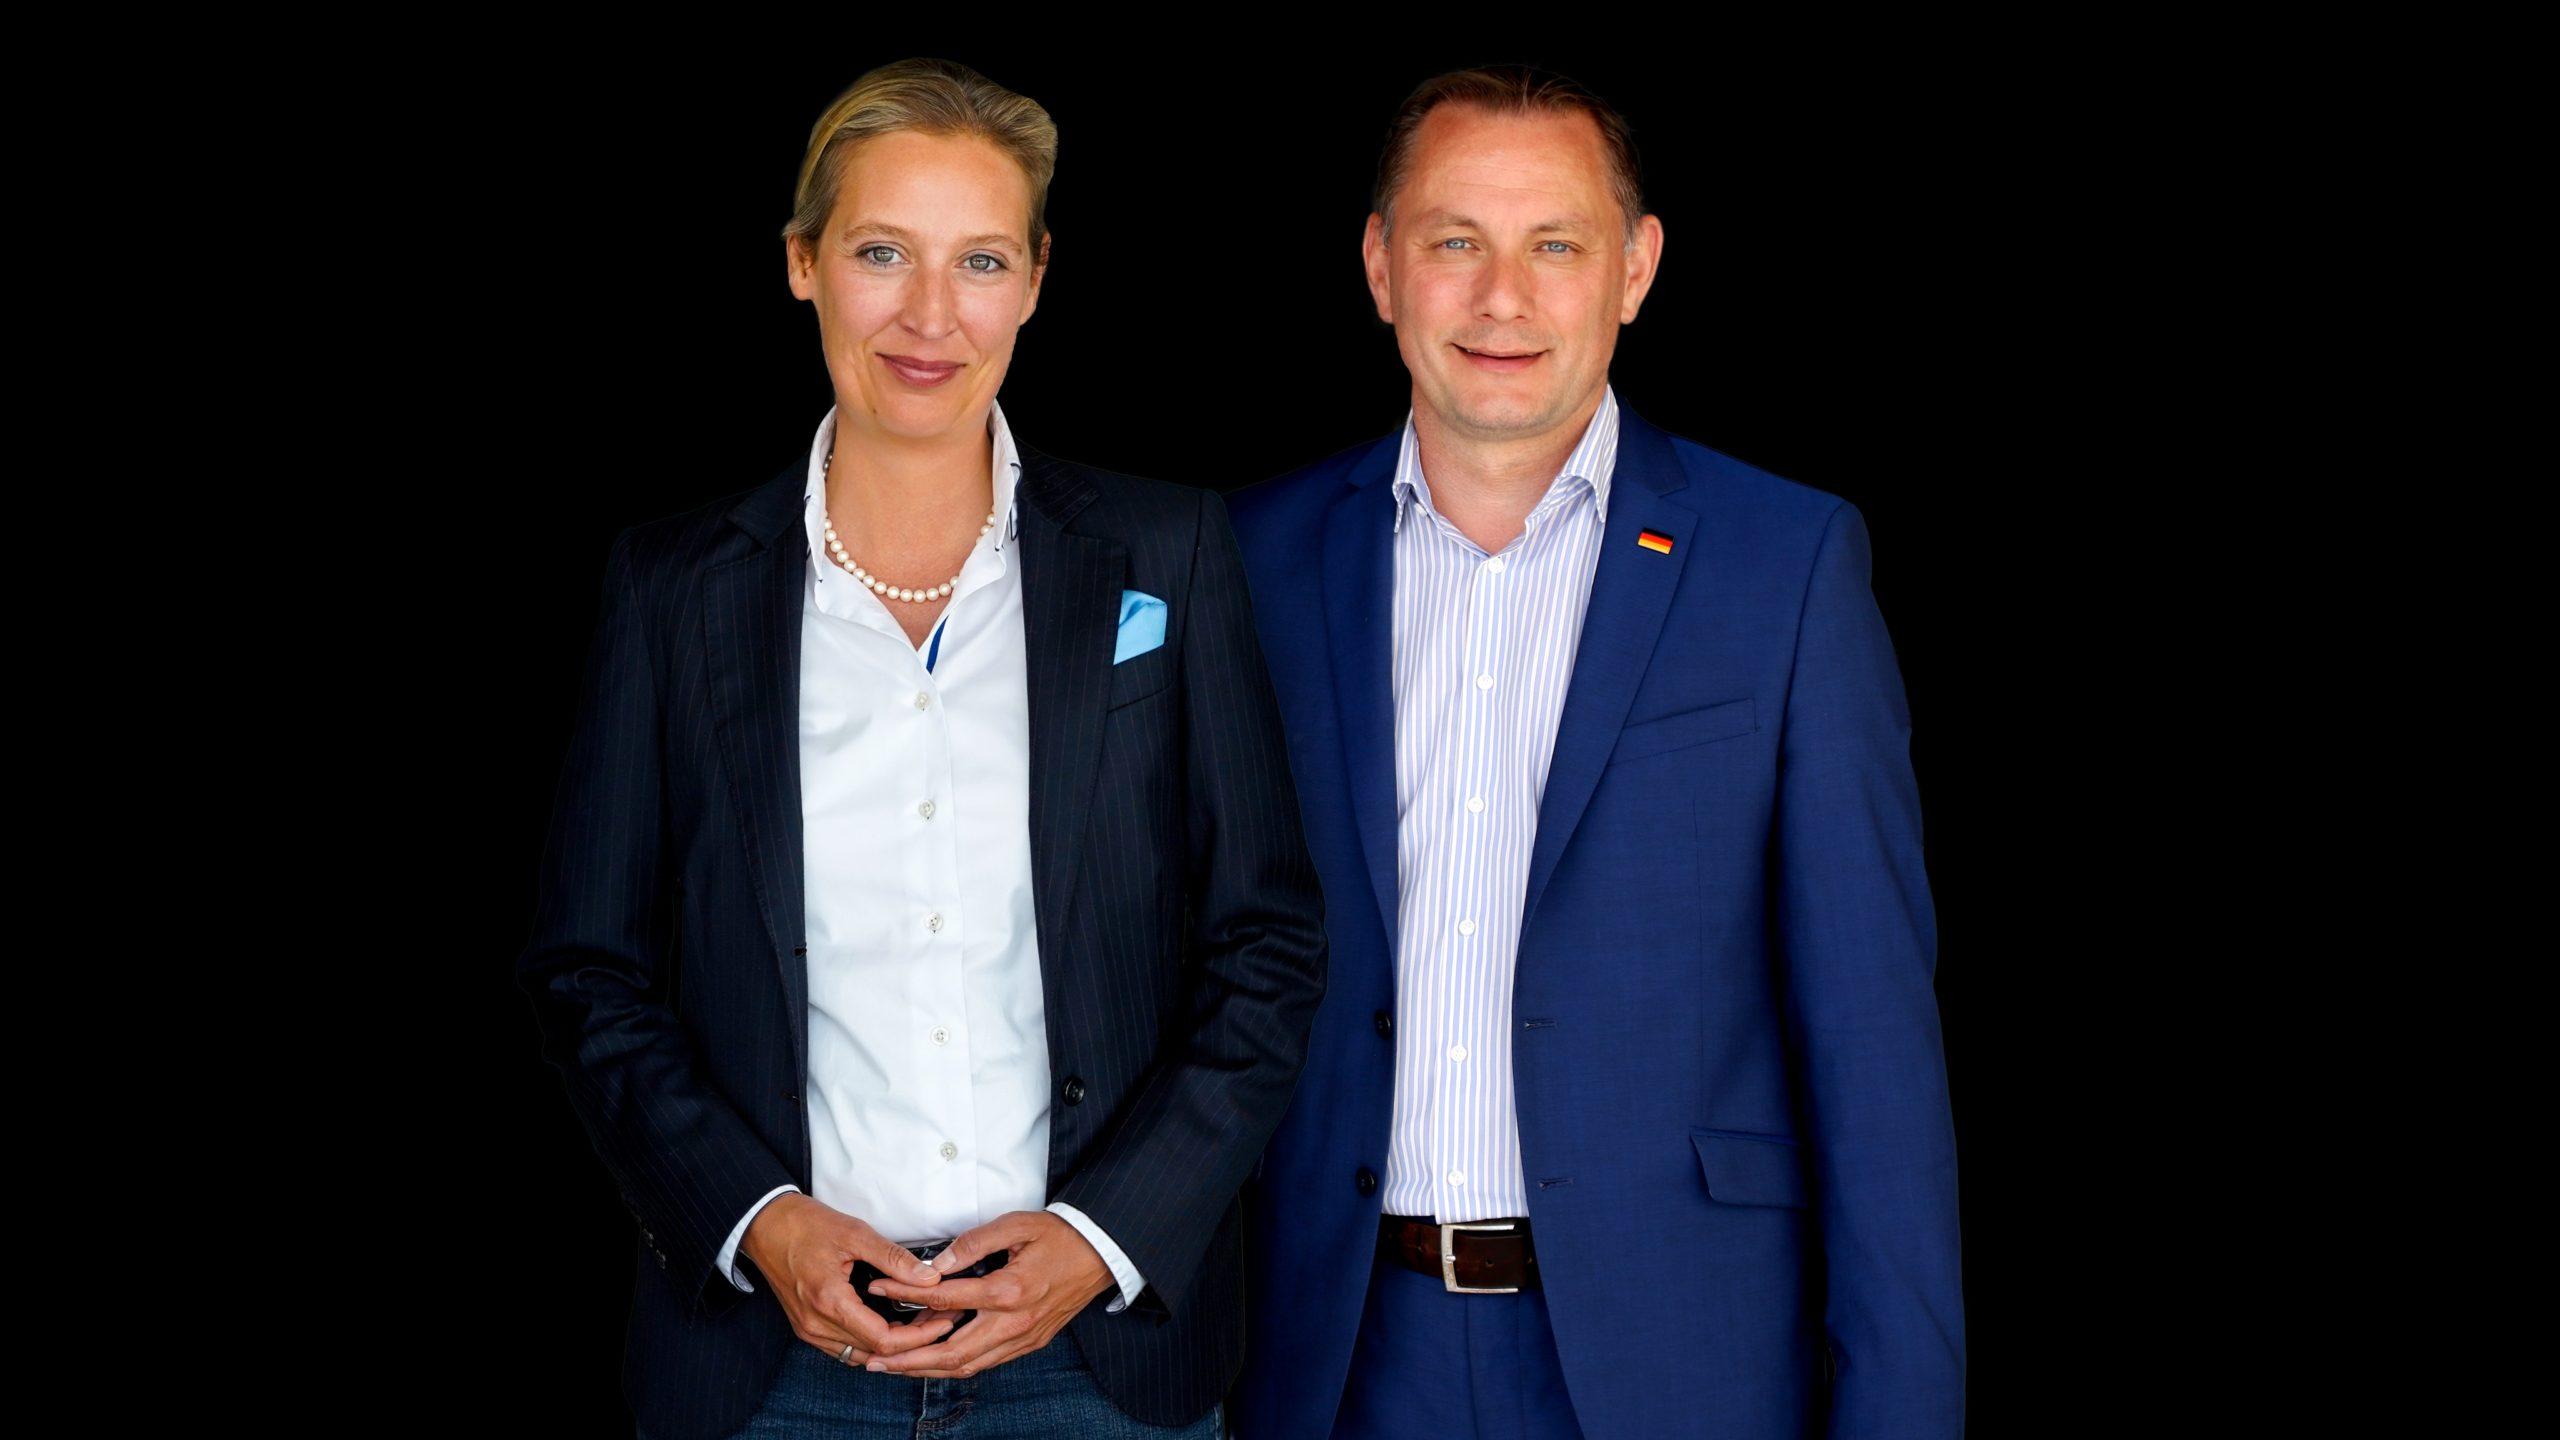 Alice Weidel und Tino Chrupalla